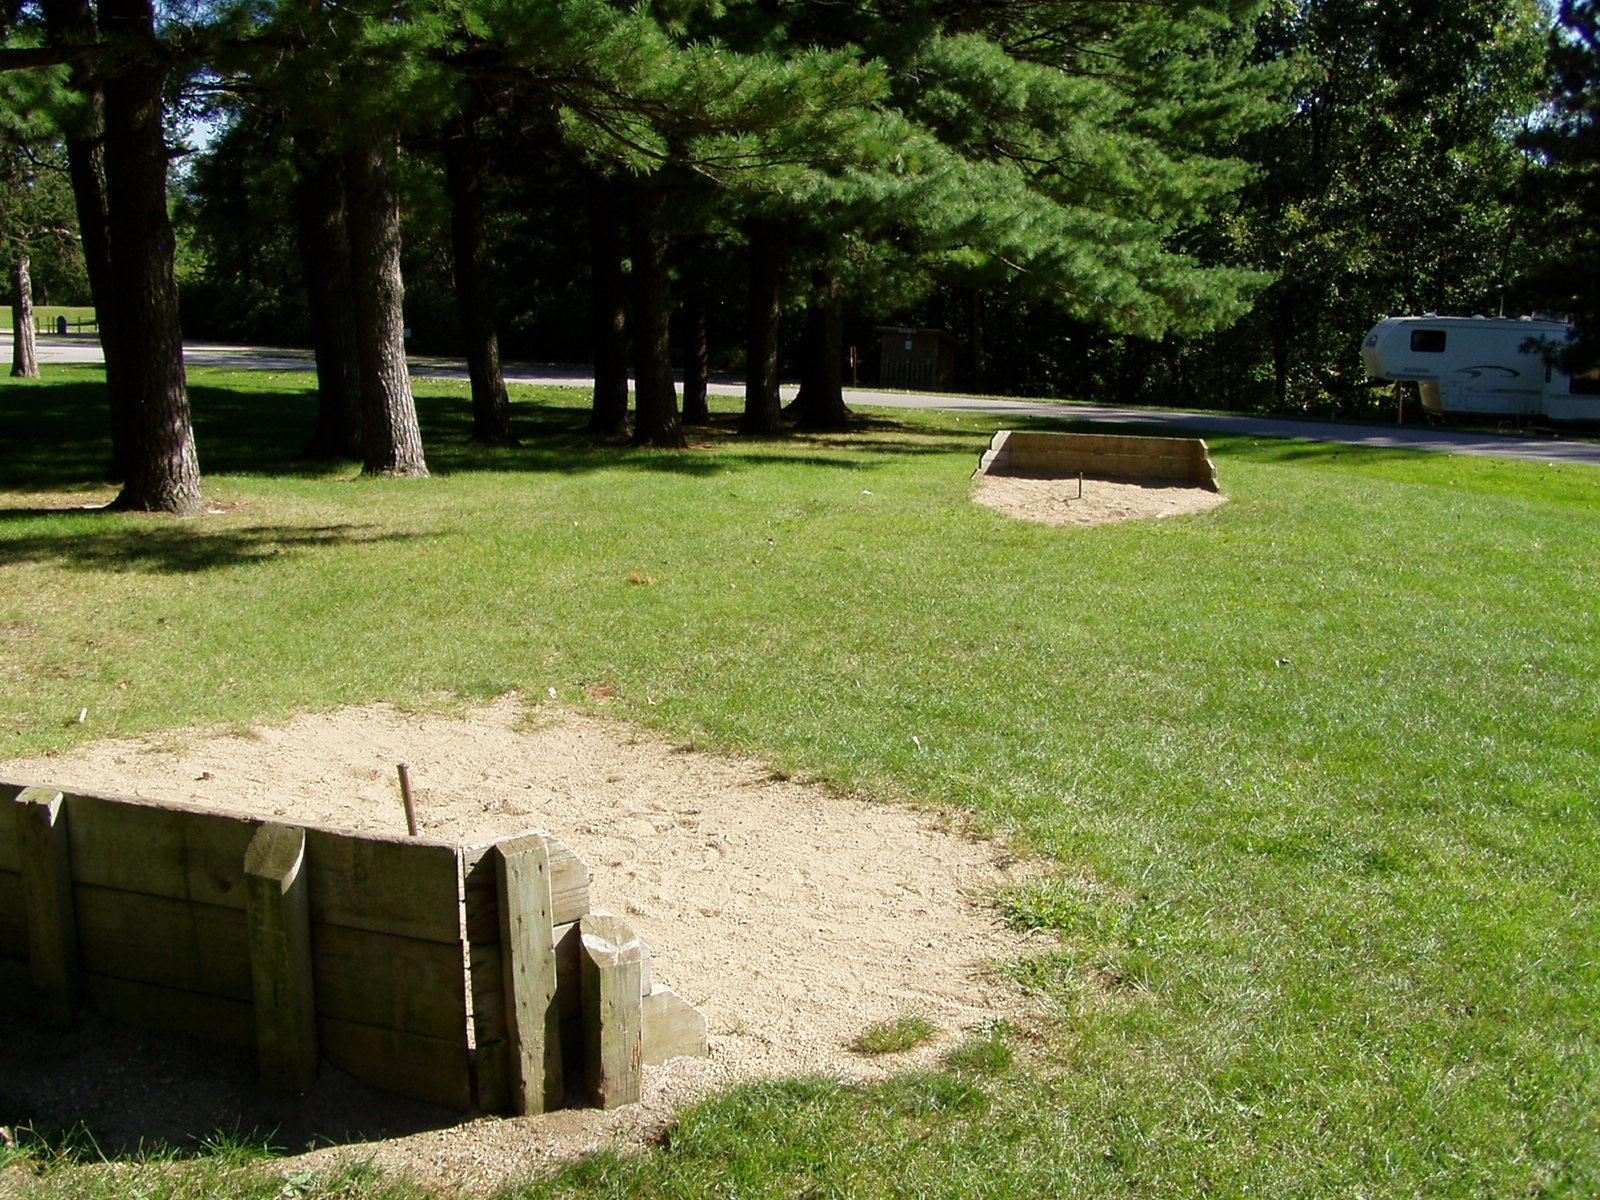 Pine Grove Campground Scott County Iowa